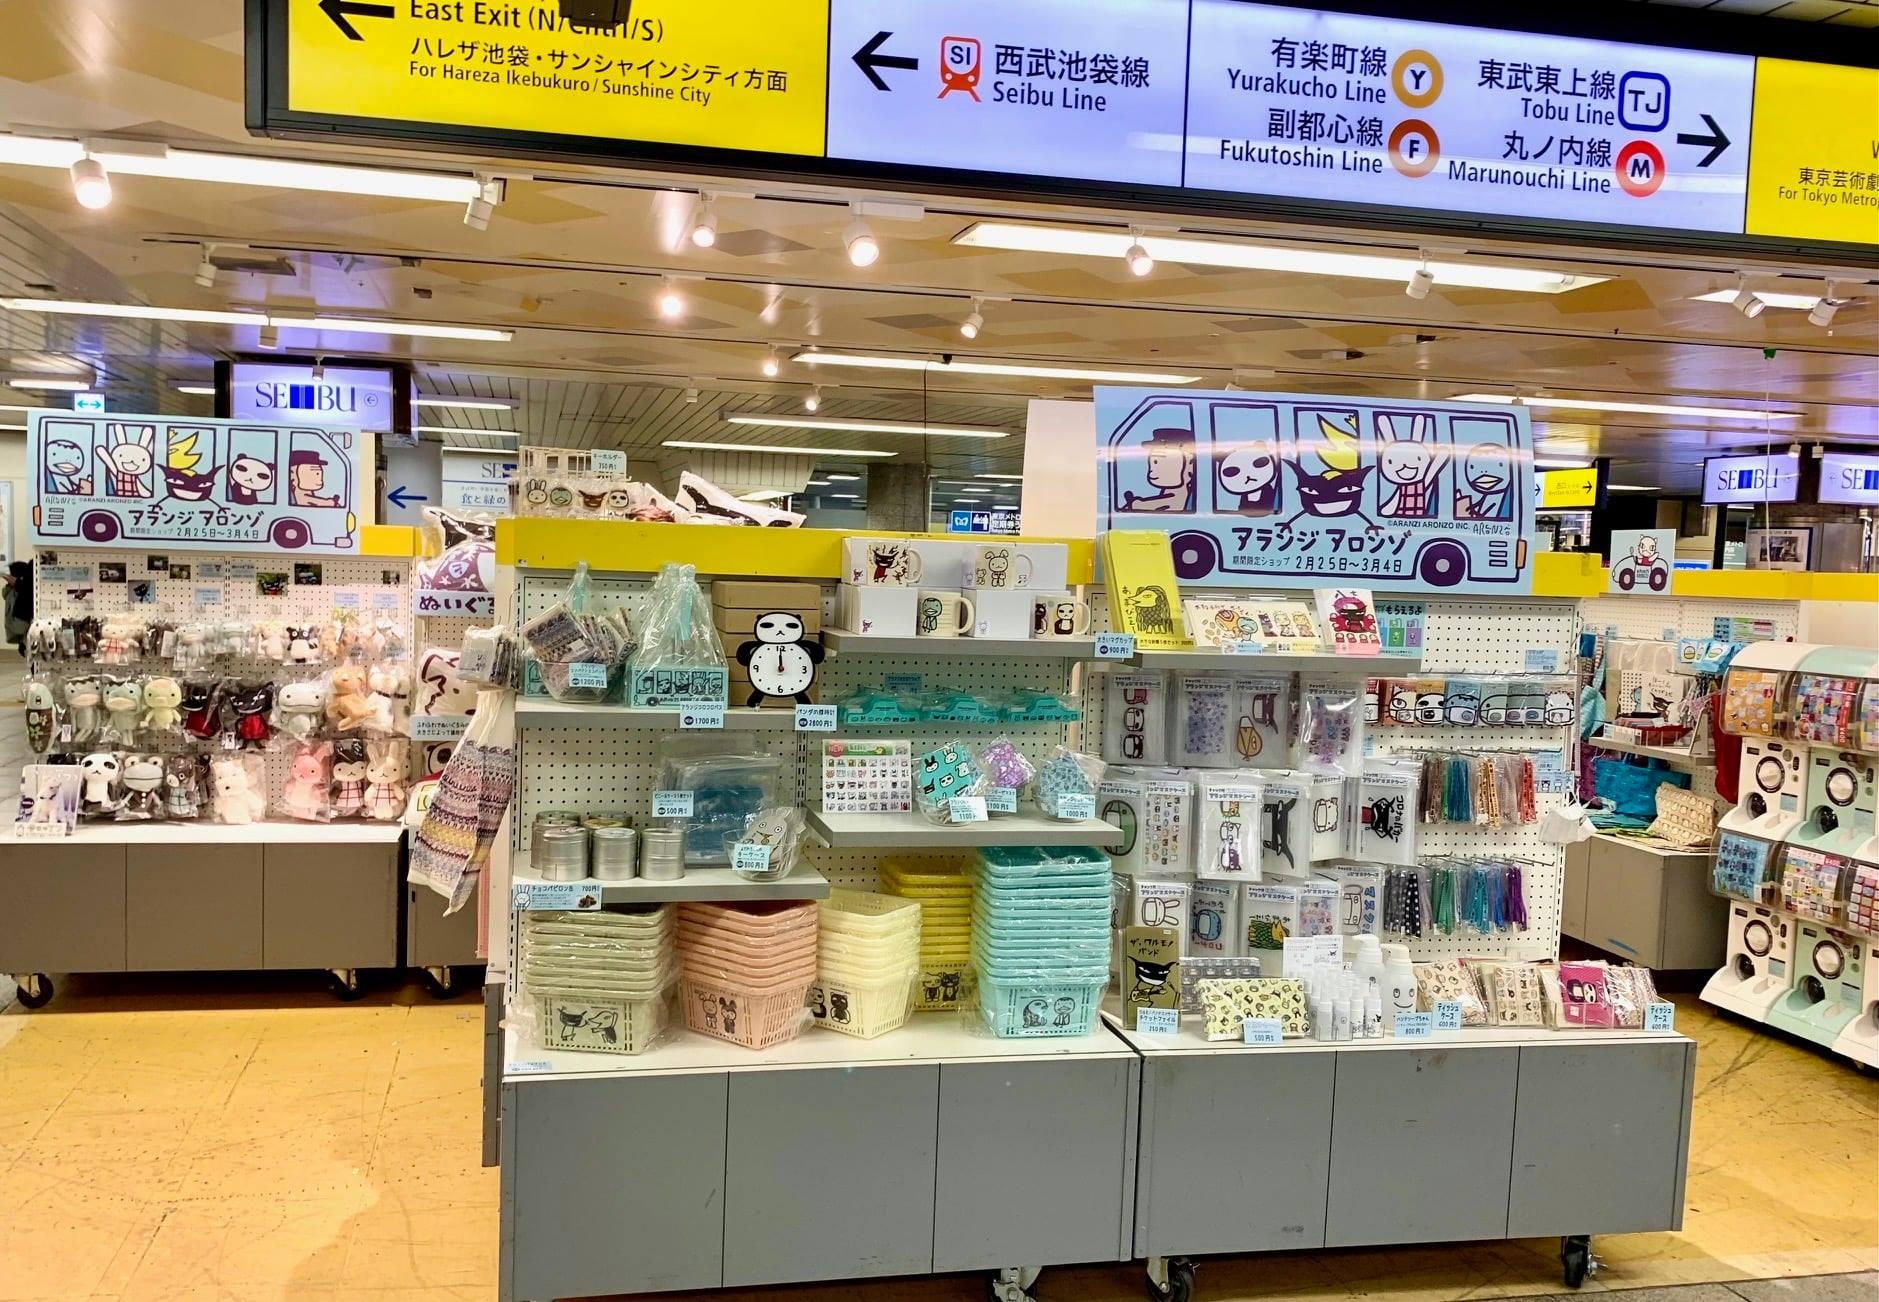 <東京>JR池袋駅構内 南改札イベントスペース